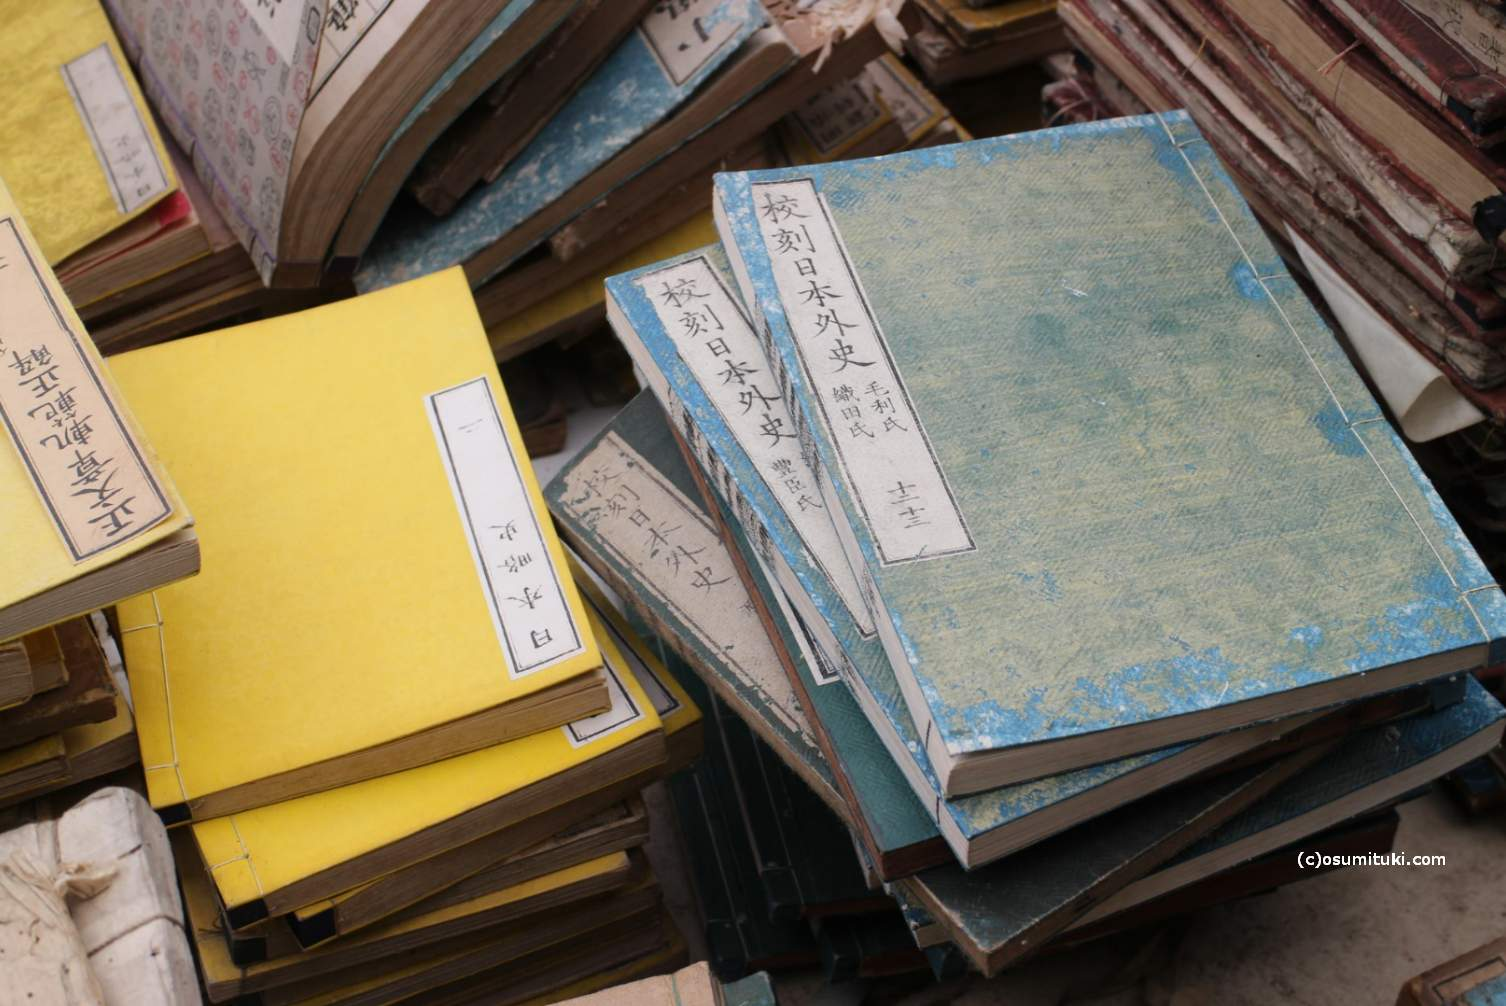 京都「秋の古本まつり」には昔の教科書もあったりします